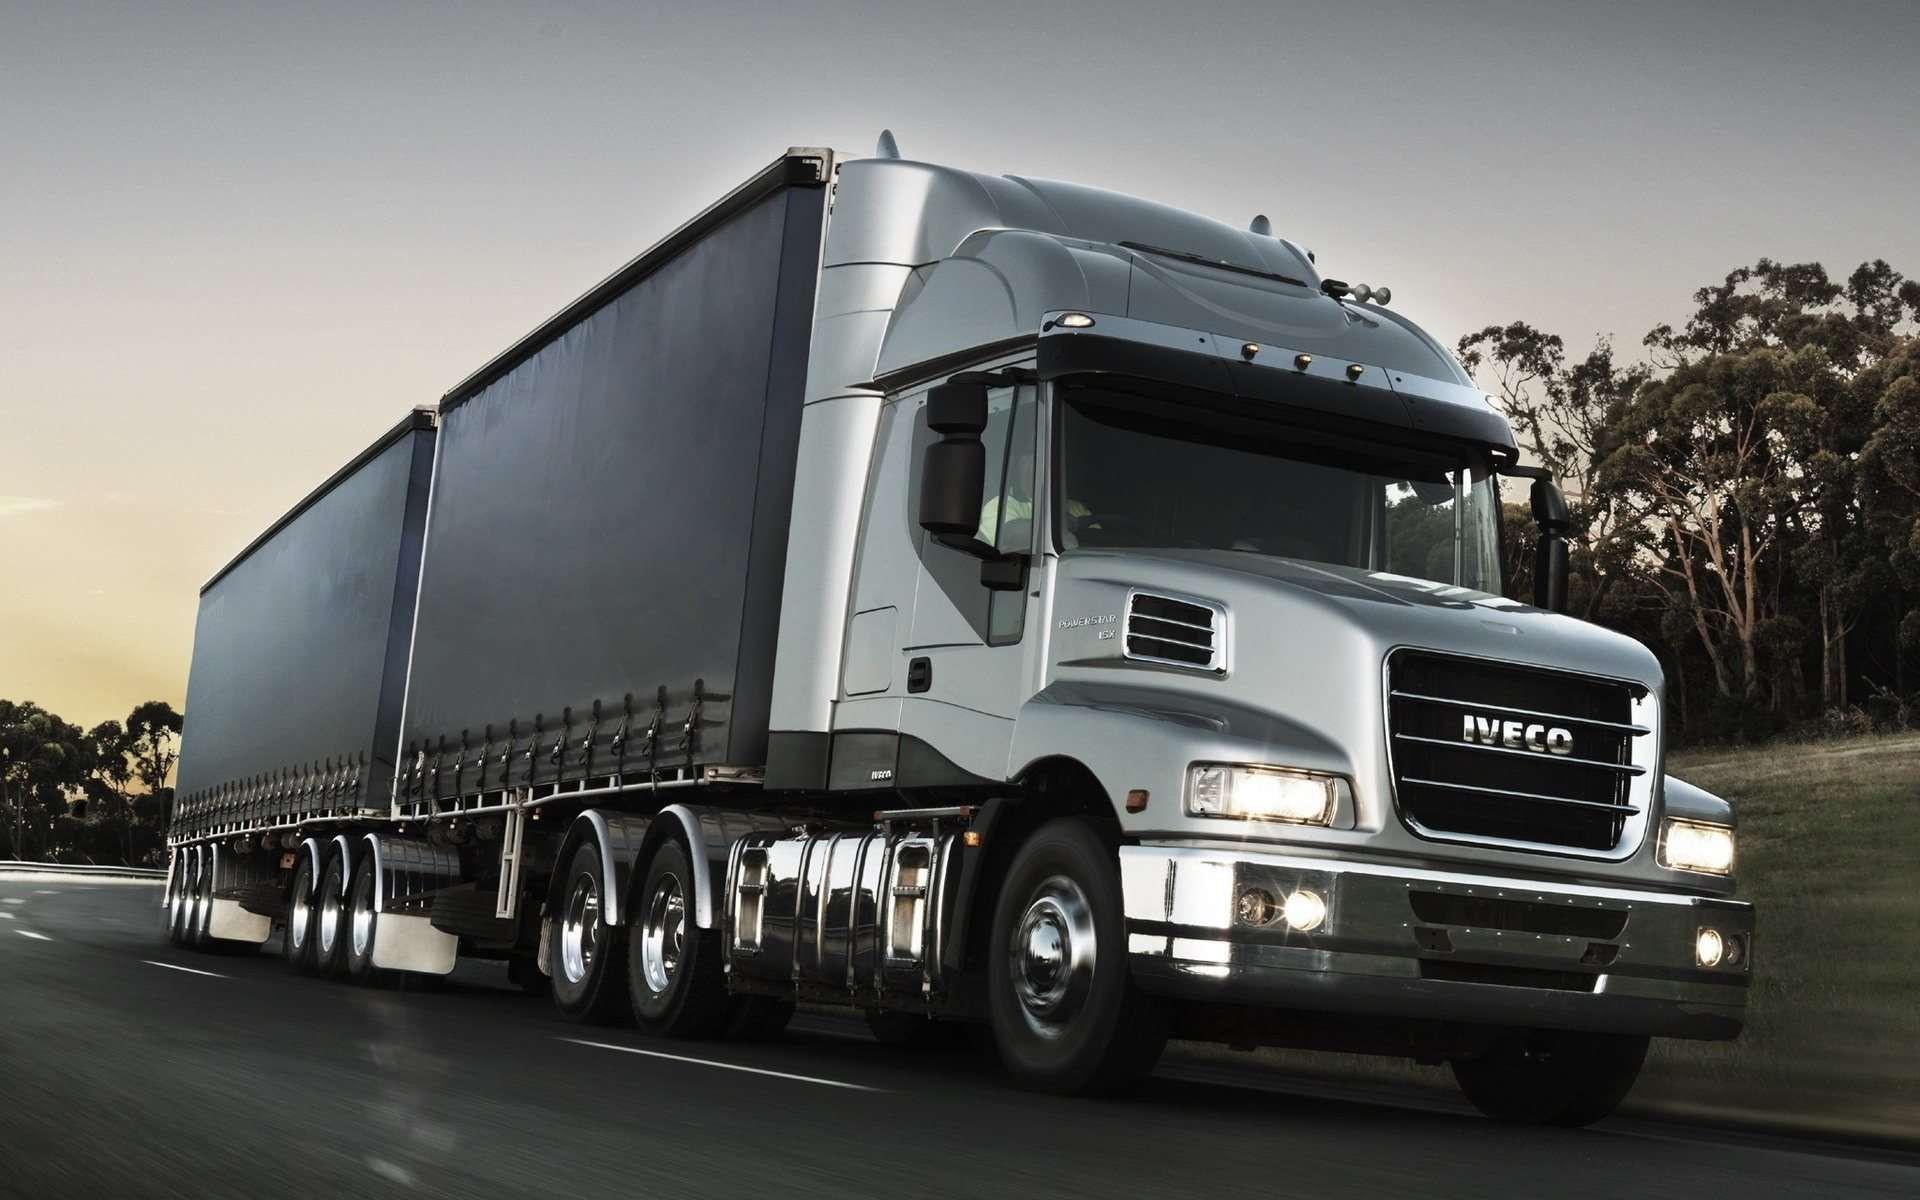 Iveco Truck Wallpaper